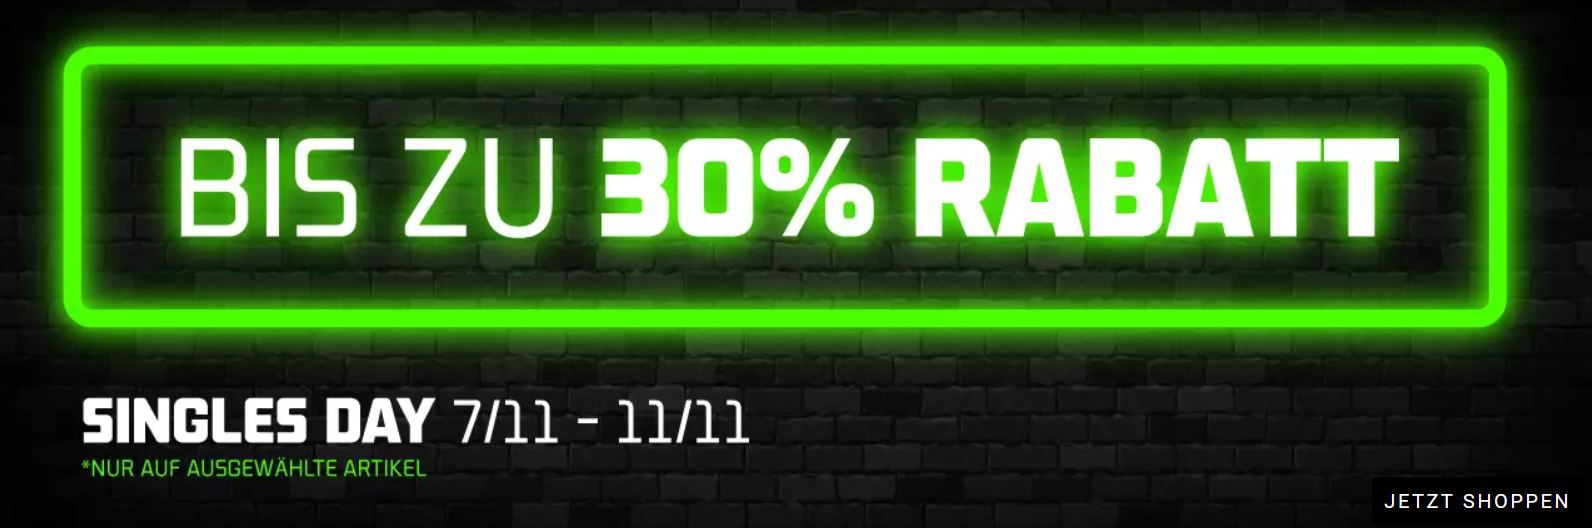 Foot Locker Singles Day: 30% Rabatt auf ausgewählte Artikel   günstige Sneaker & Co.